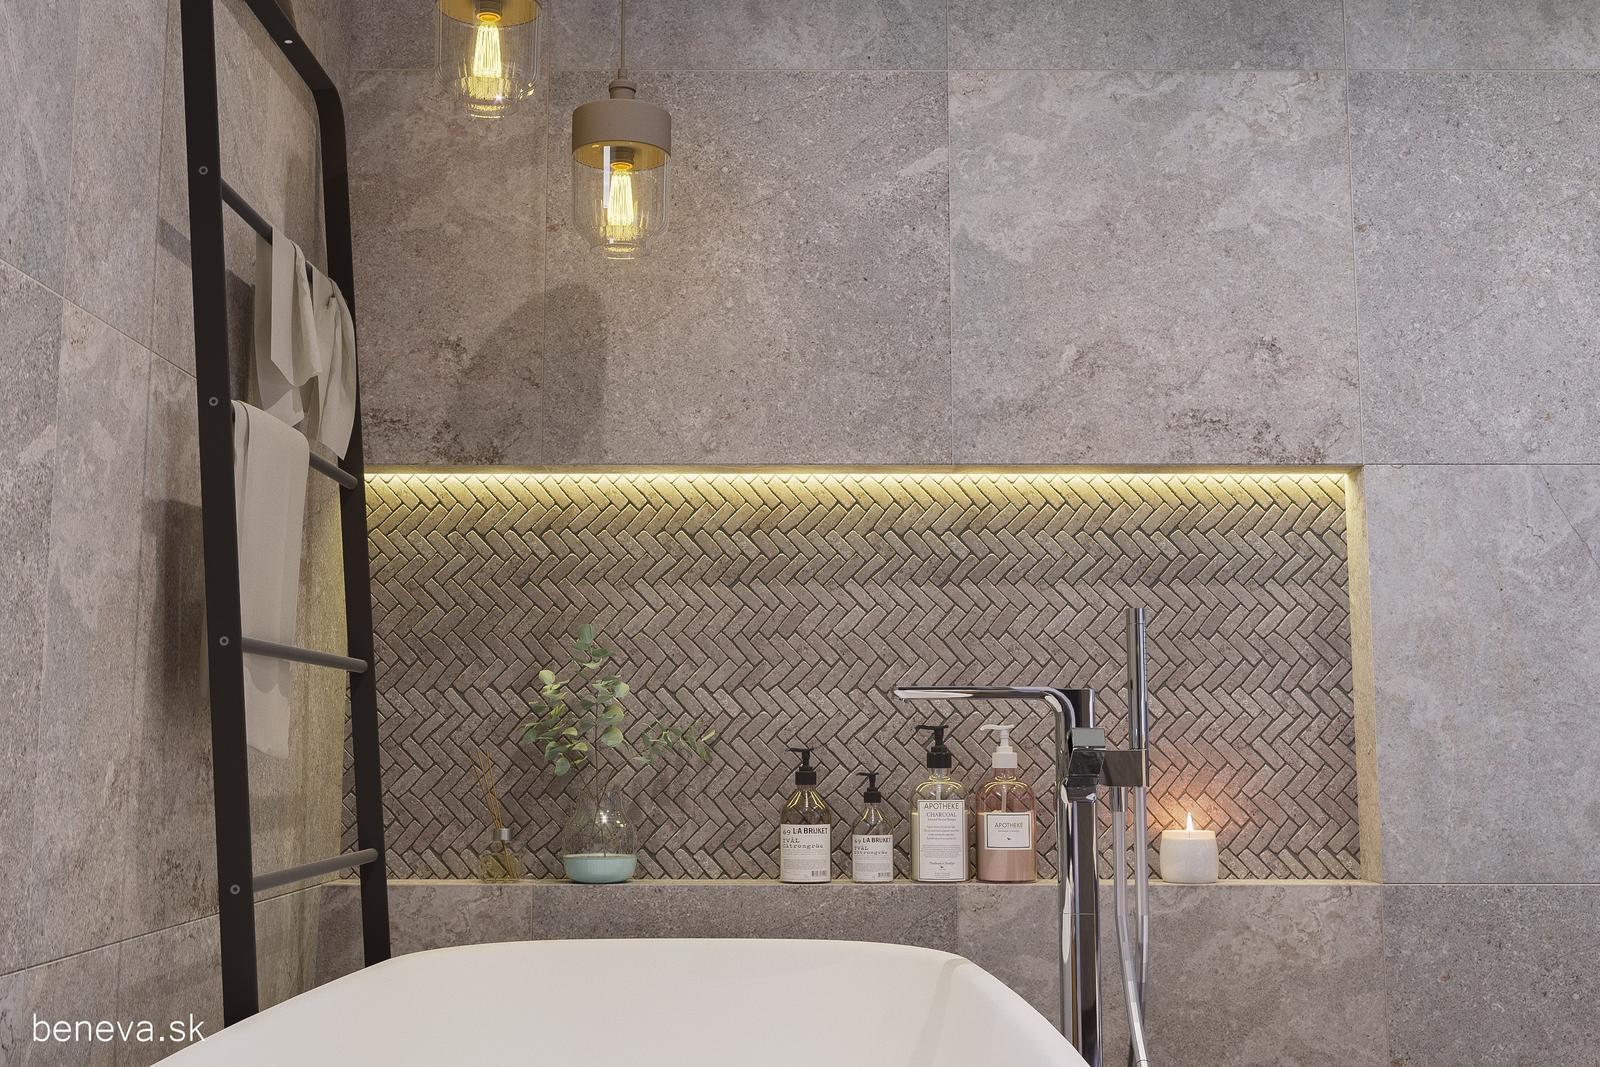 3D návrhy kúpeľní / Vizualizácie - Návrh kúpeľne, BENEVA